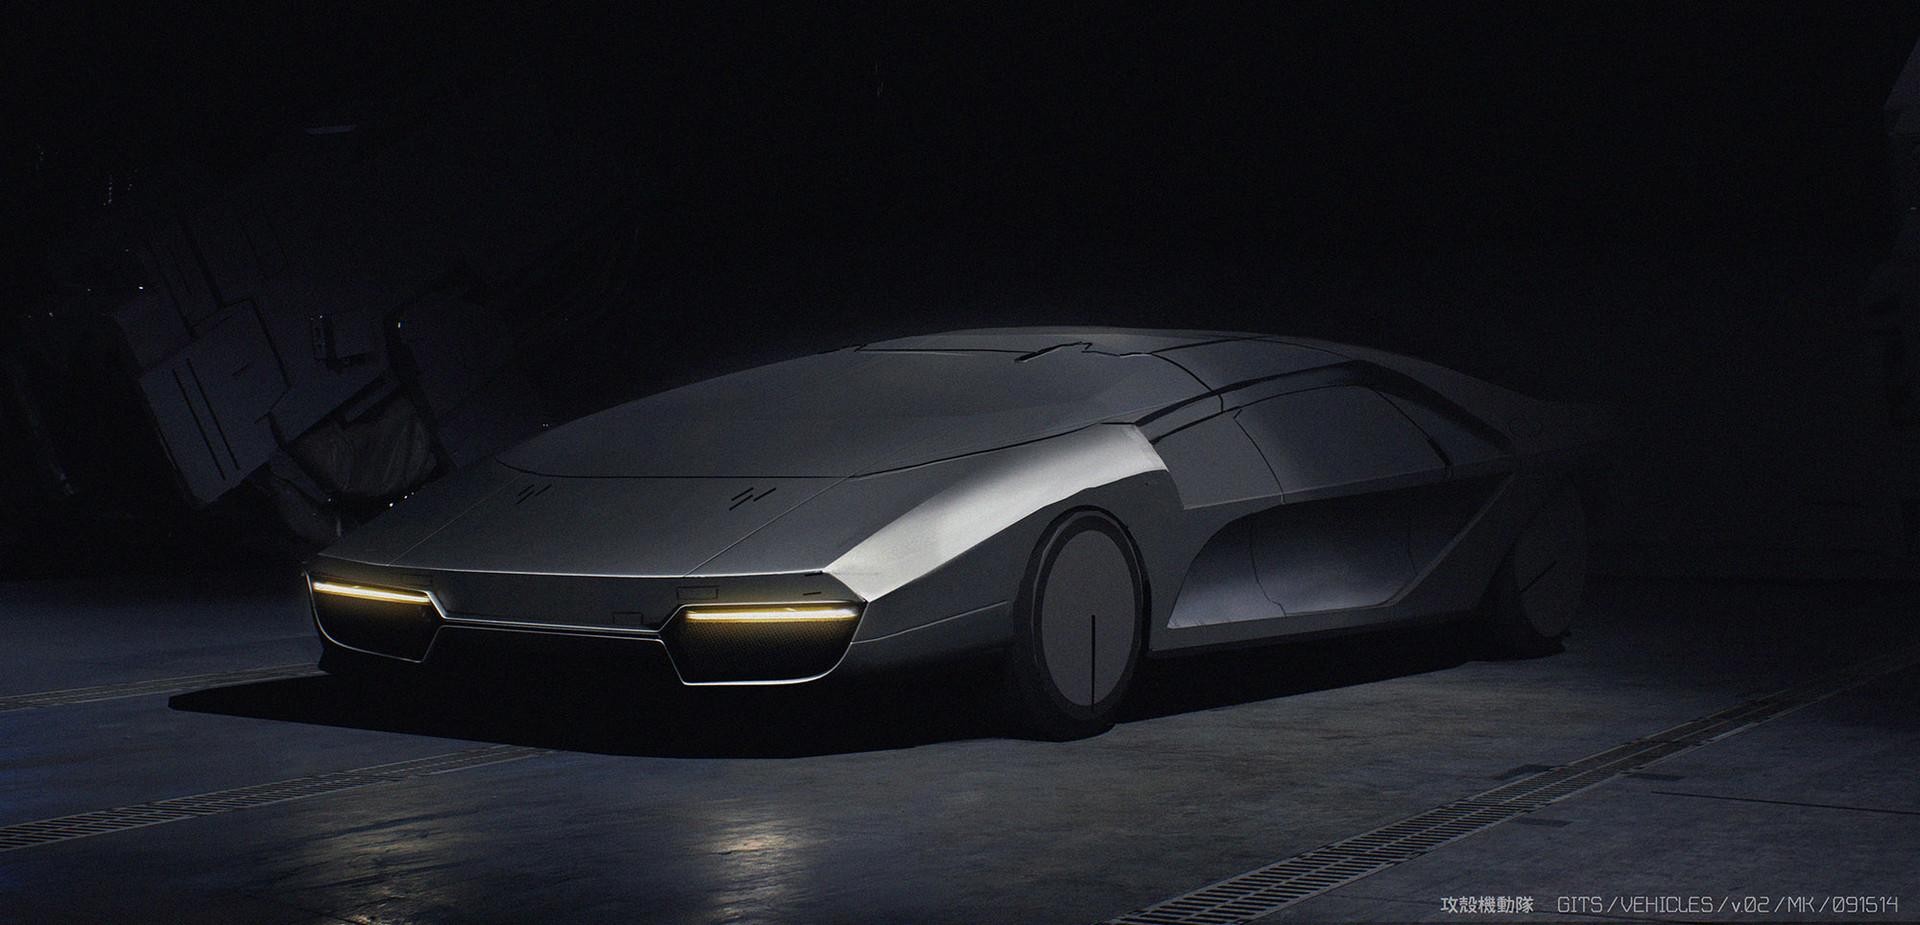 电影《攻壳机动队》车辆概念设计-Renderbus云渲染农场